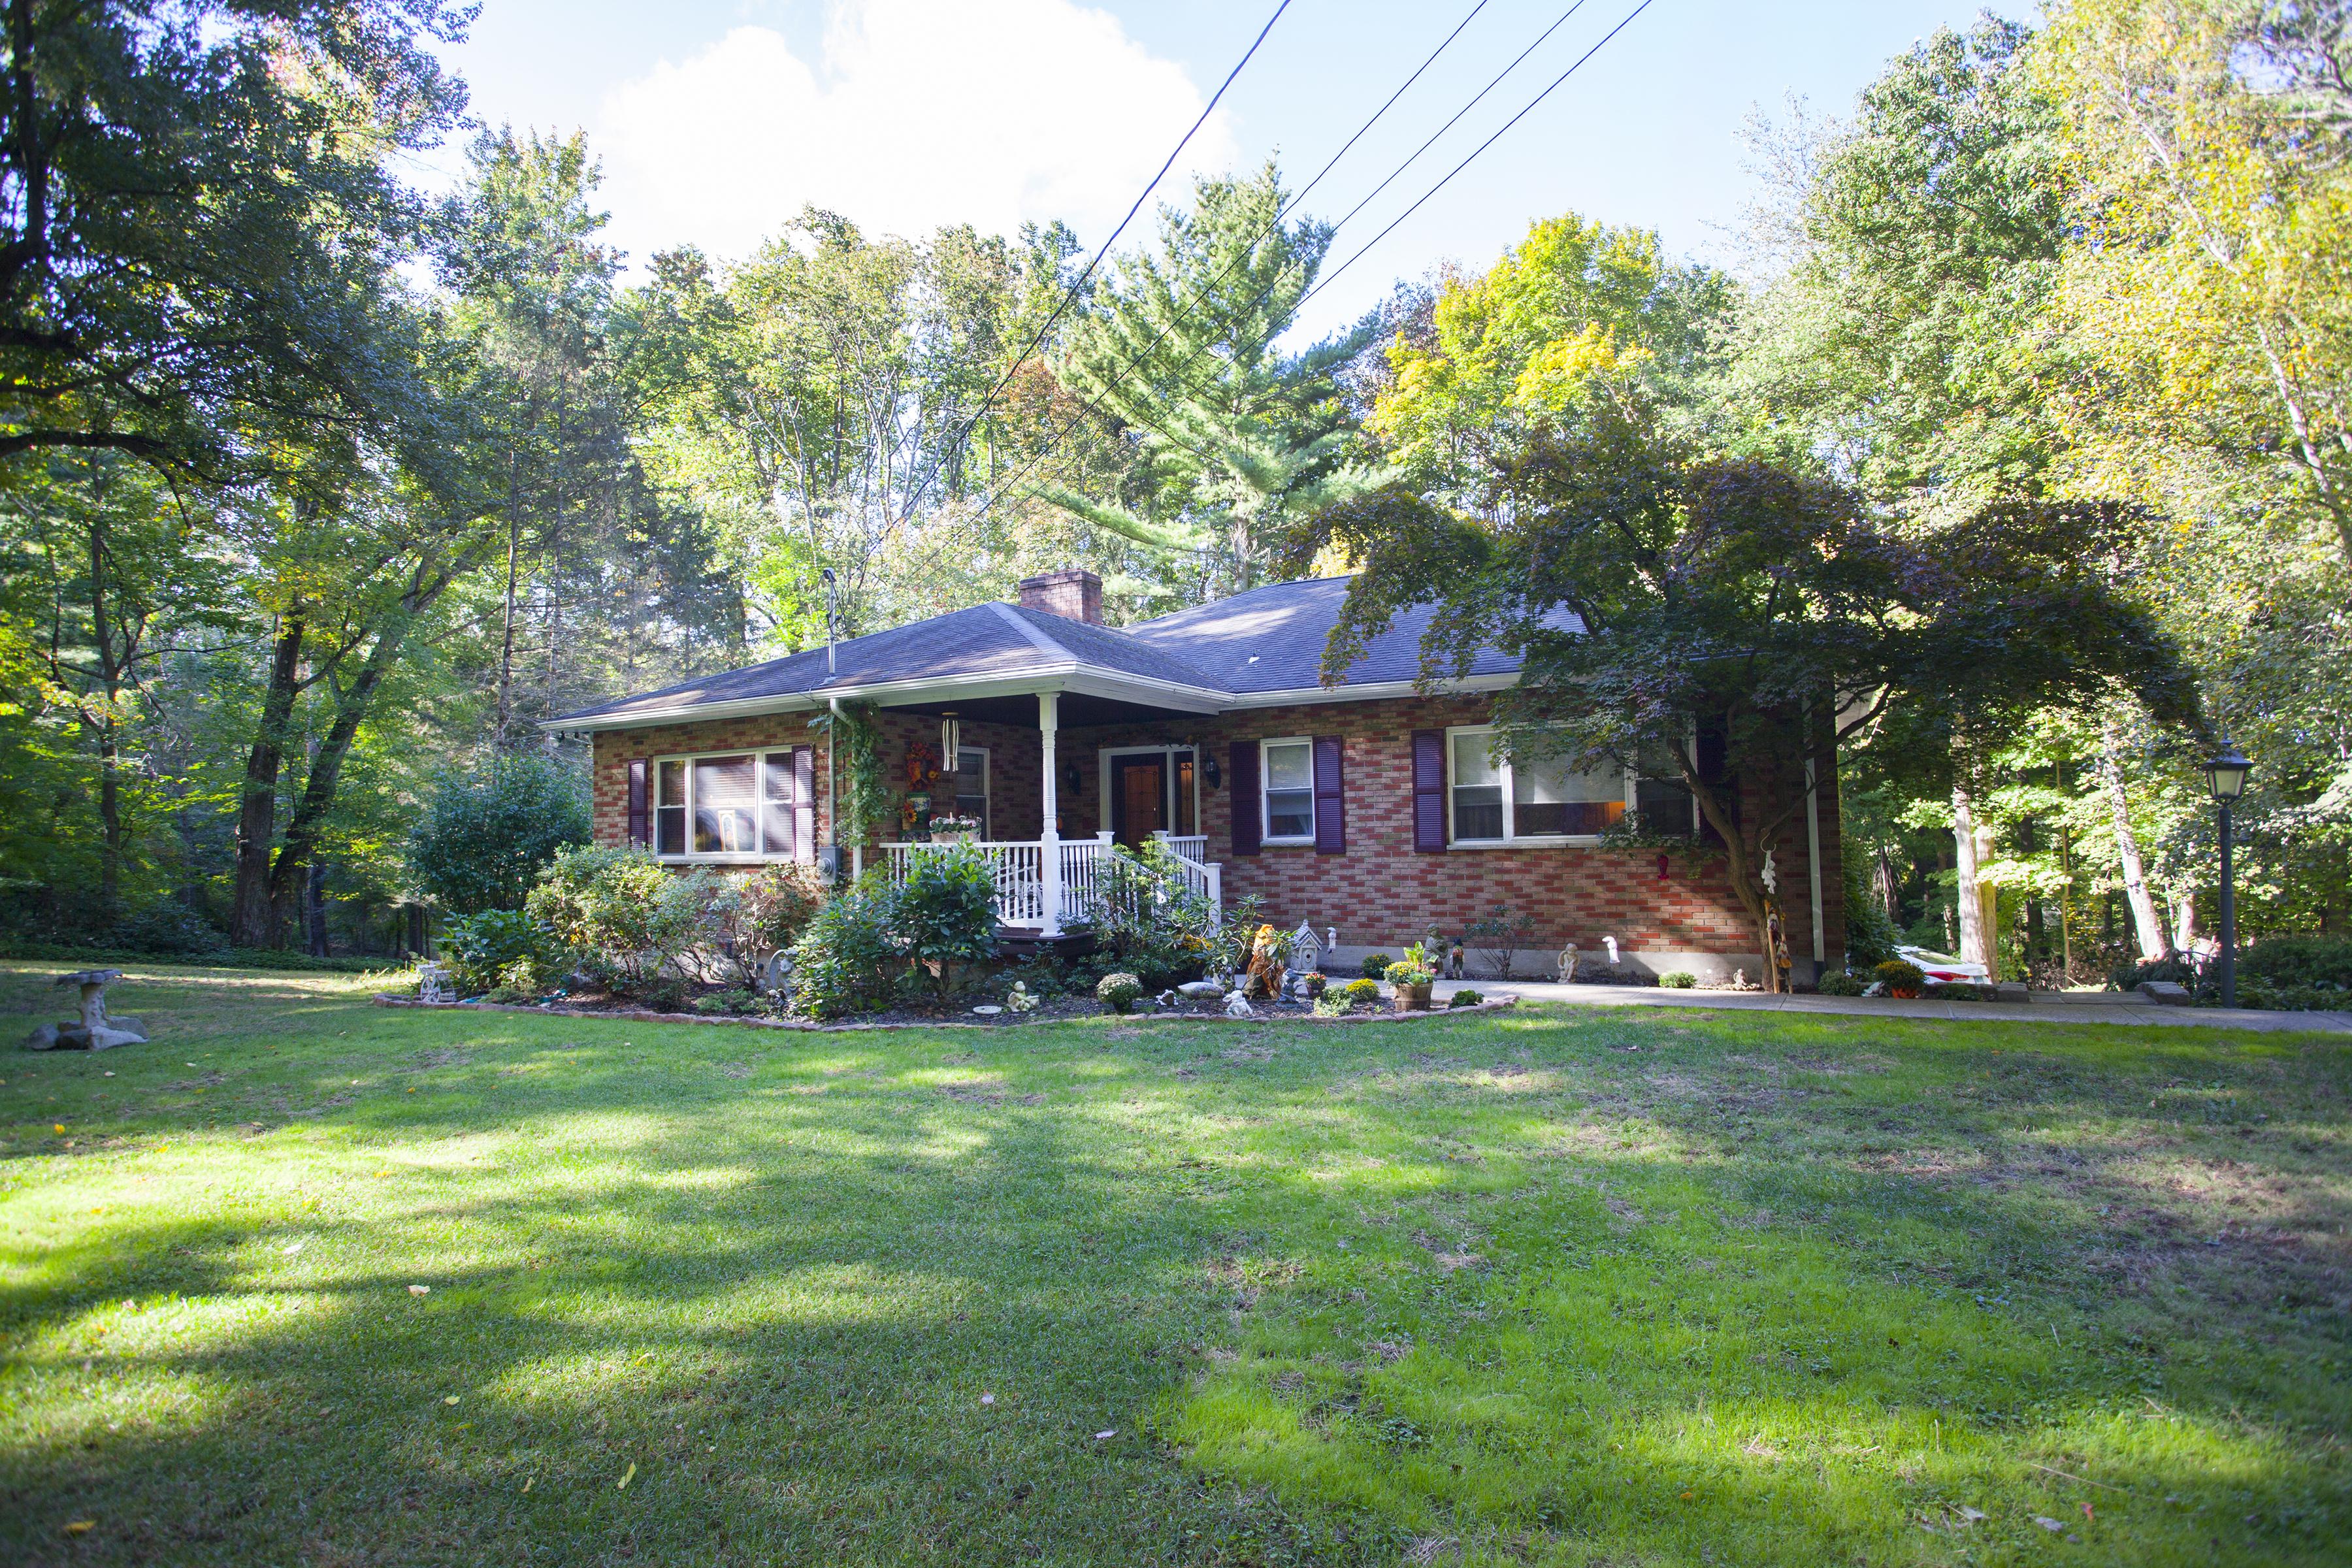 多户住宅 为 销售 在 New Fairfield's West Side 21 Hudson Drive 新费尔菲尔德, 康涅狄格州 06812 美国